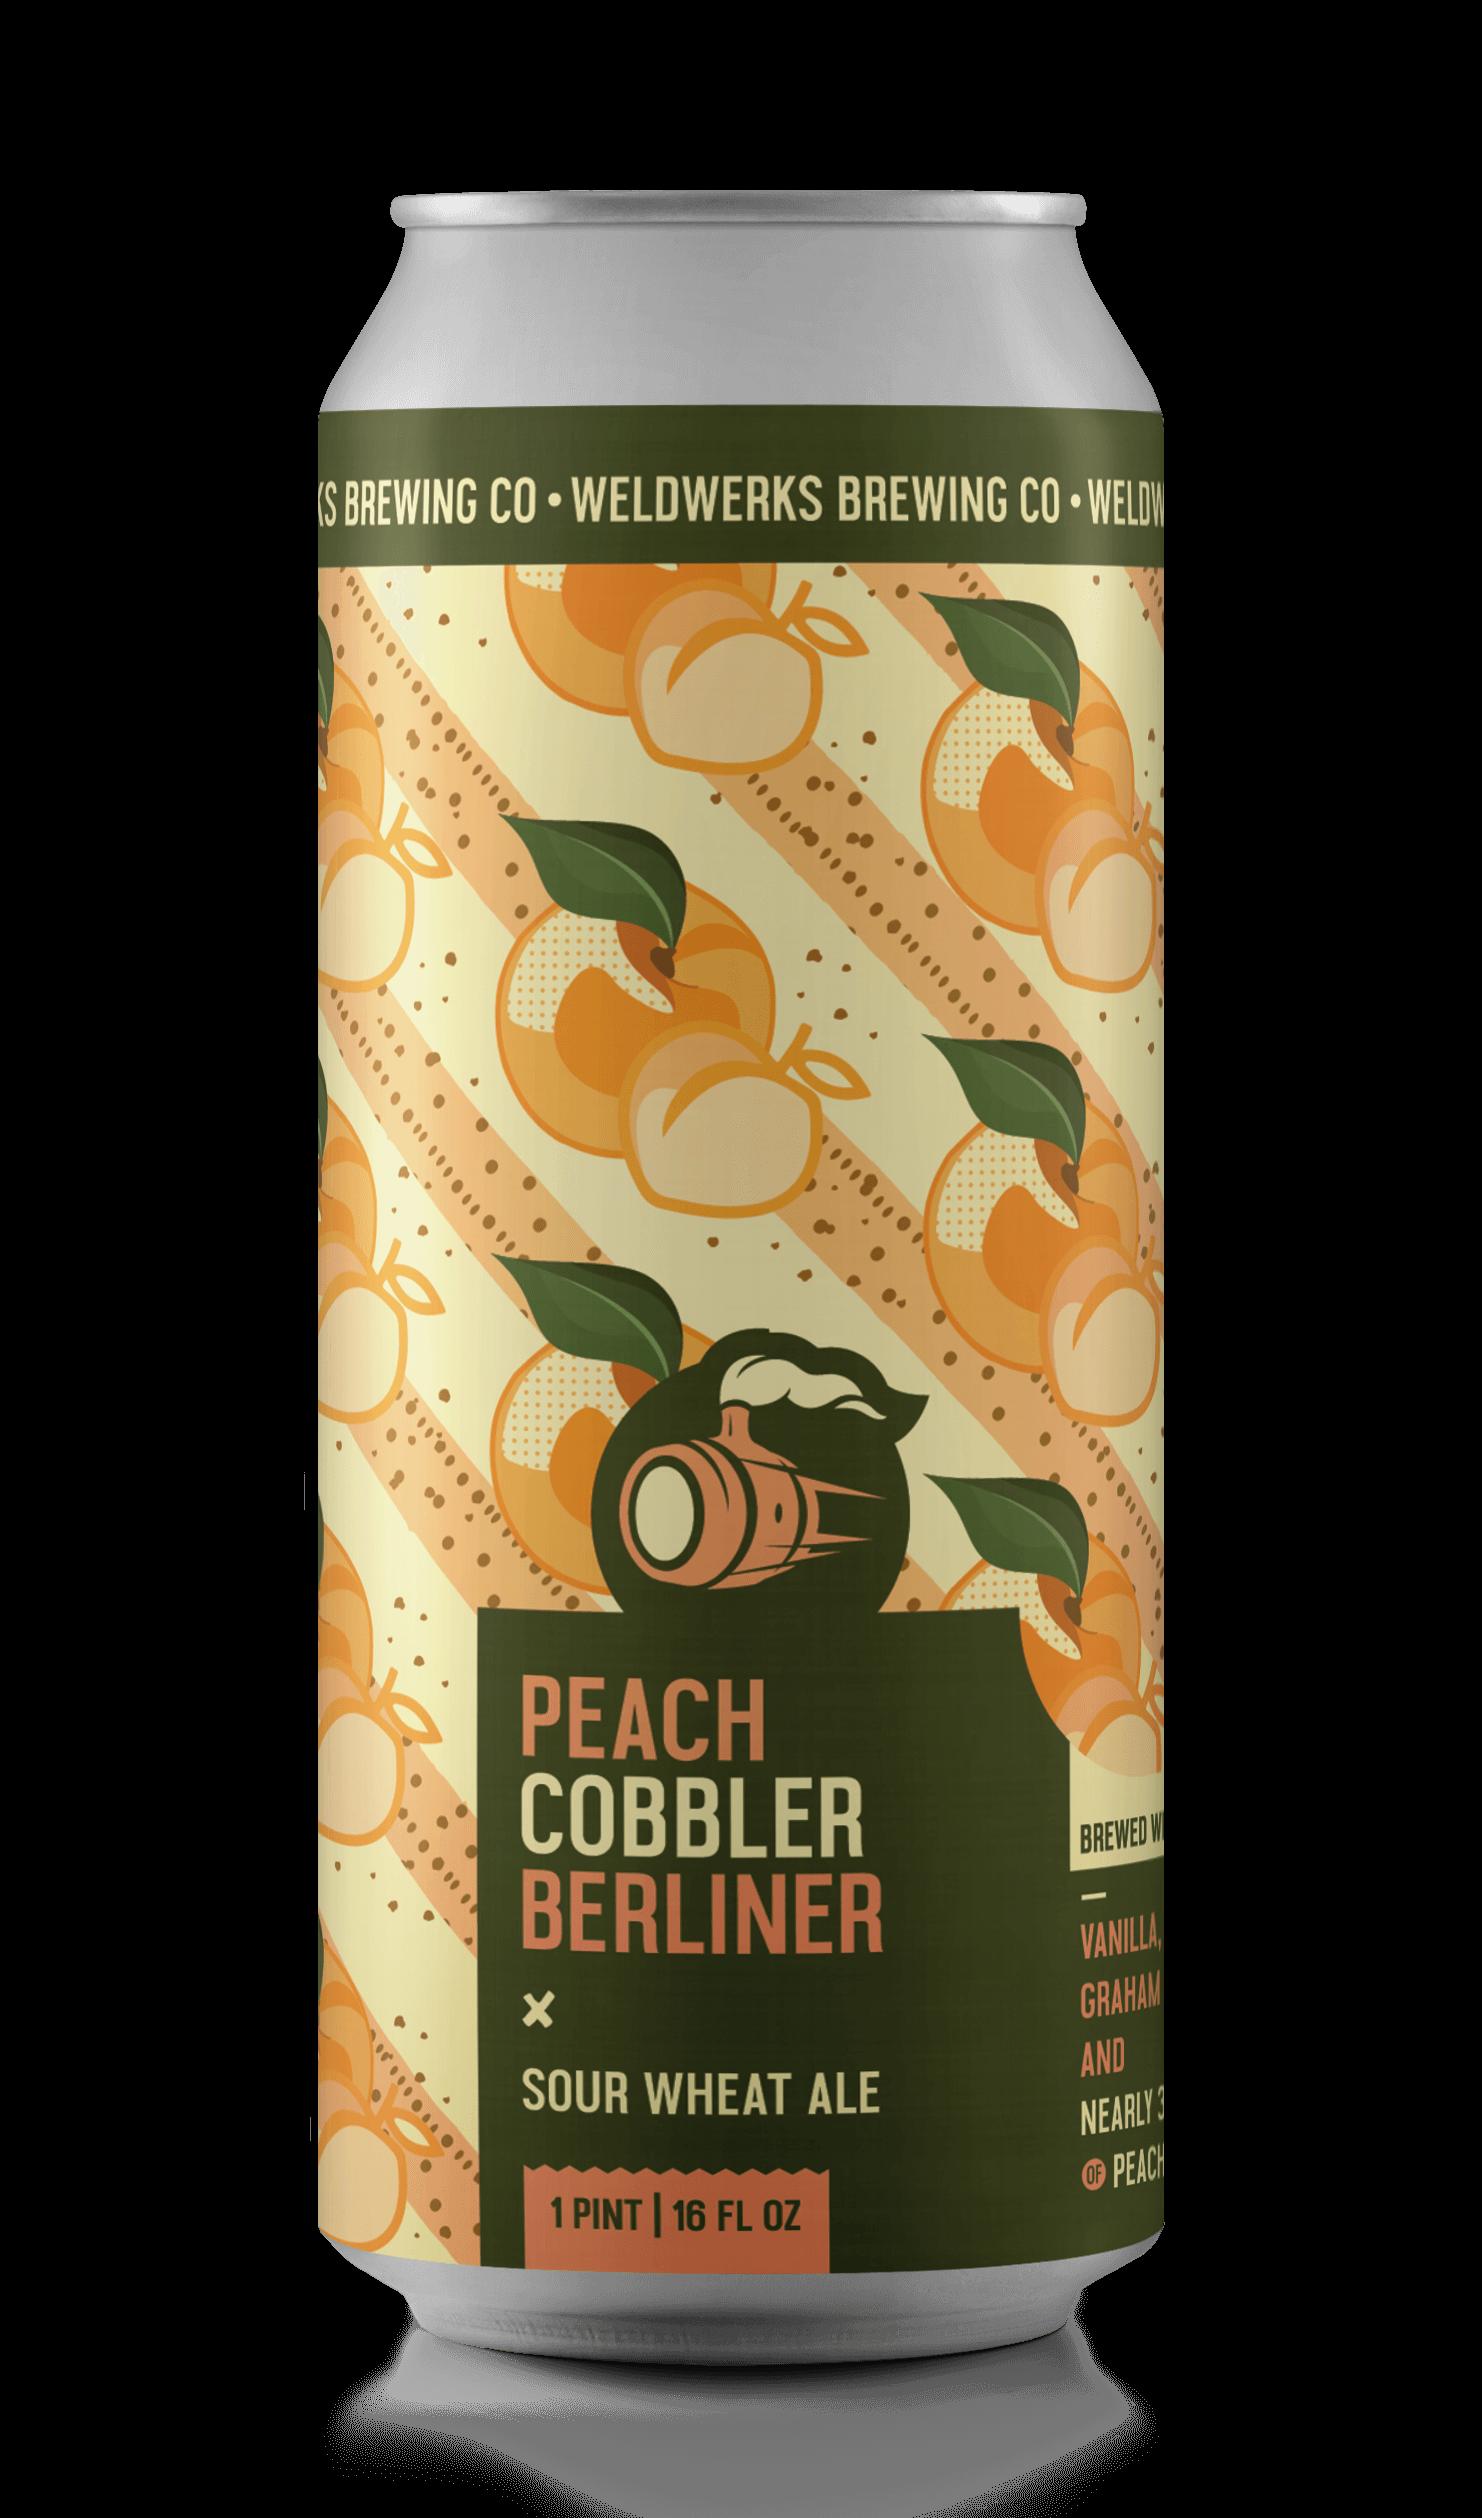 Peach Cobbler Berliner